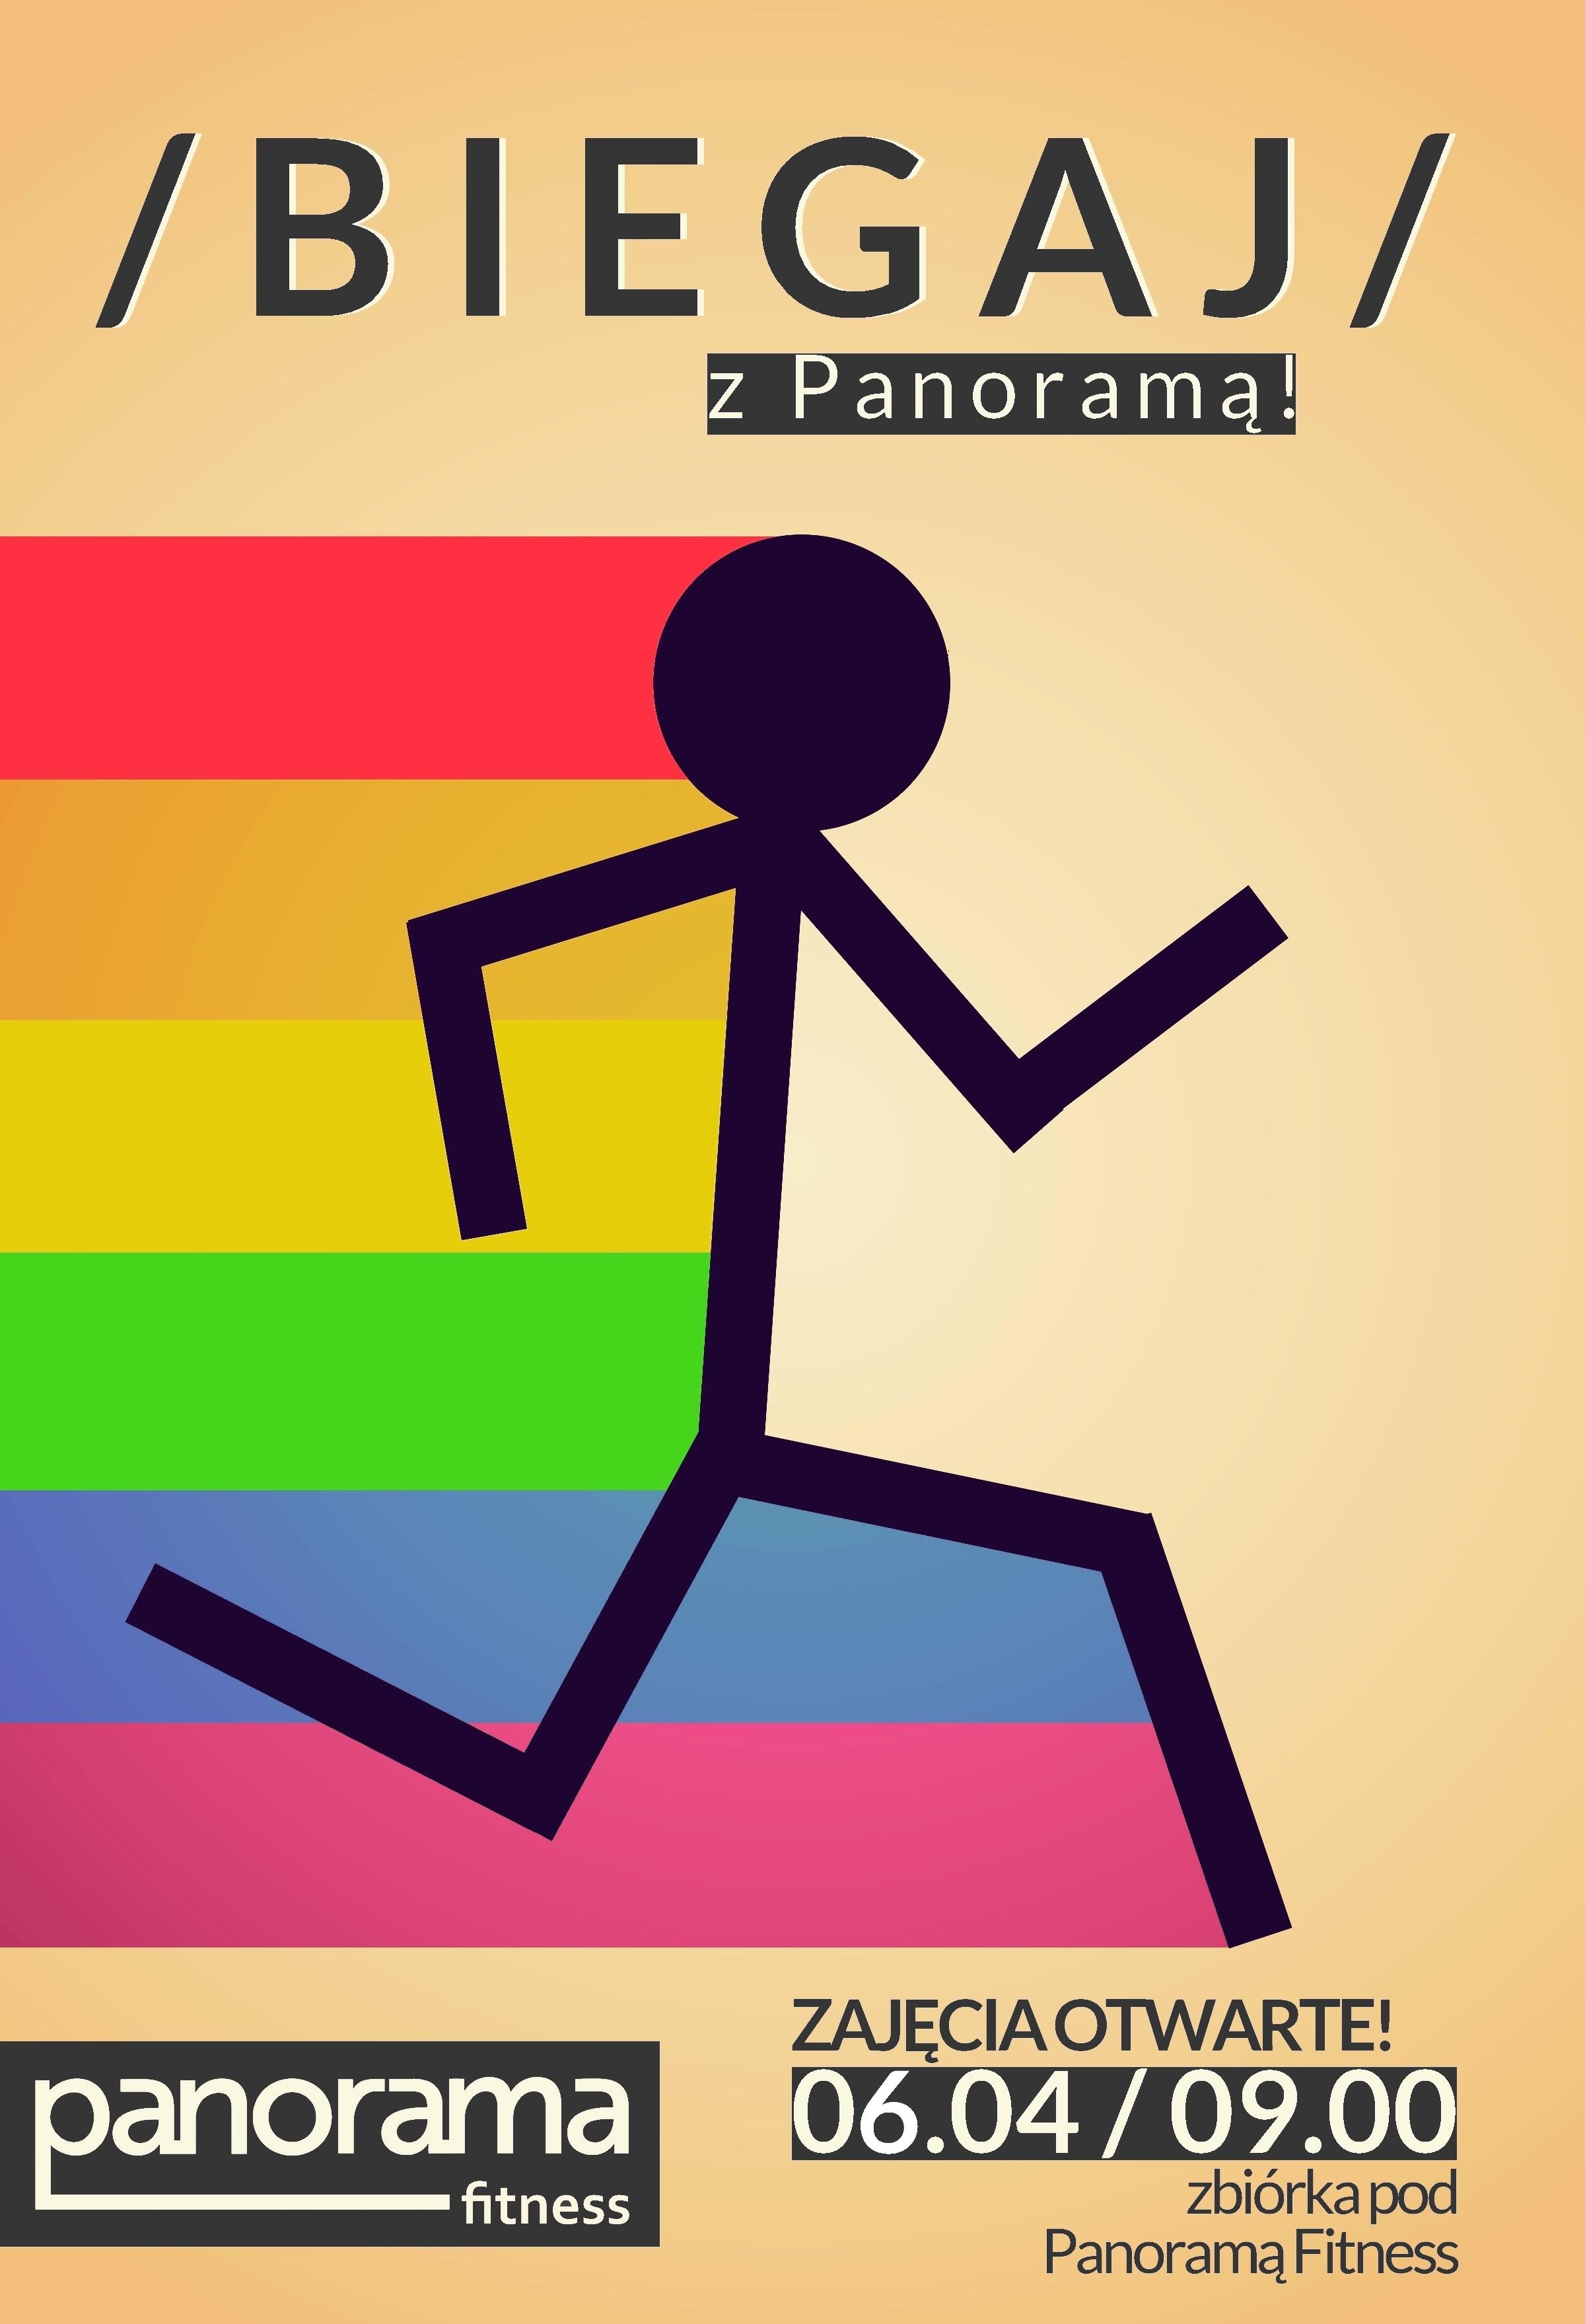 Panorama Fitness - Biegaj zPanoramą - plakat